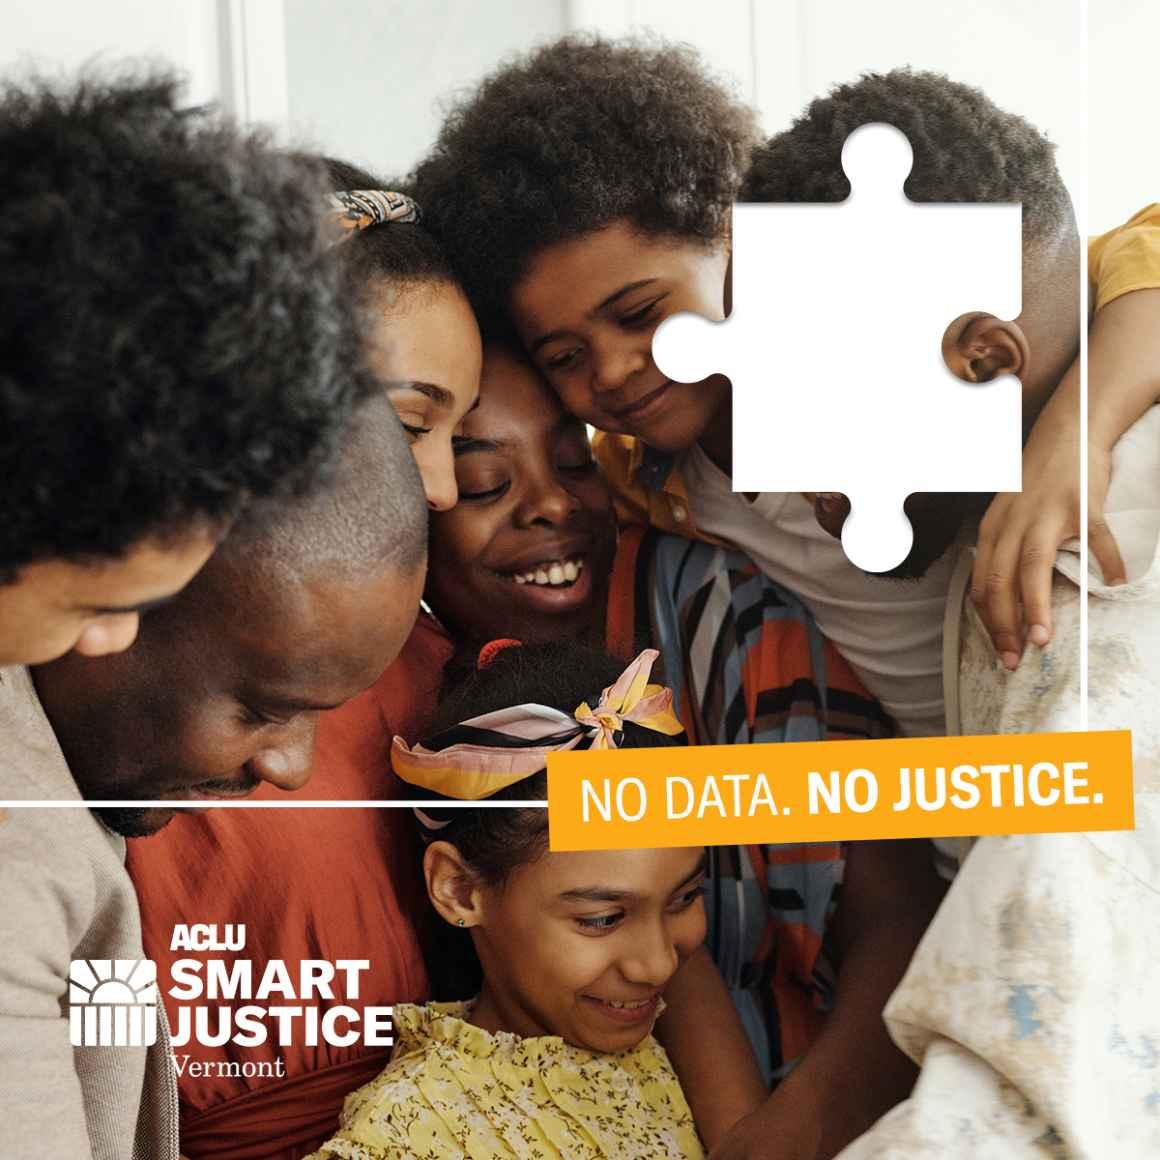 no data no justice